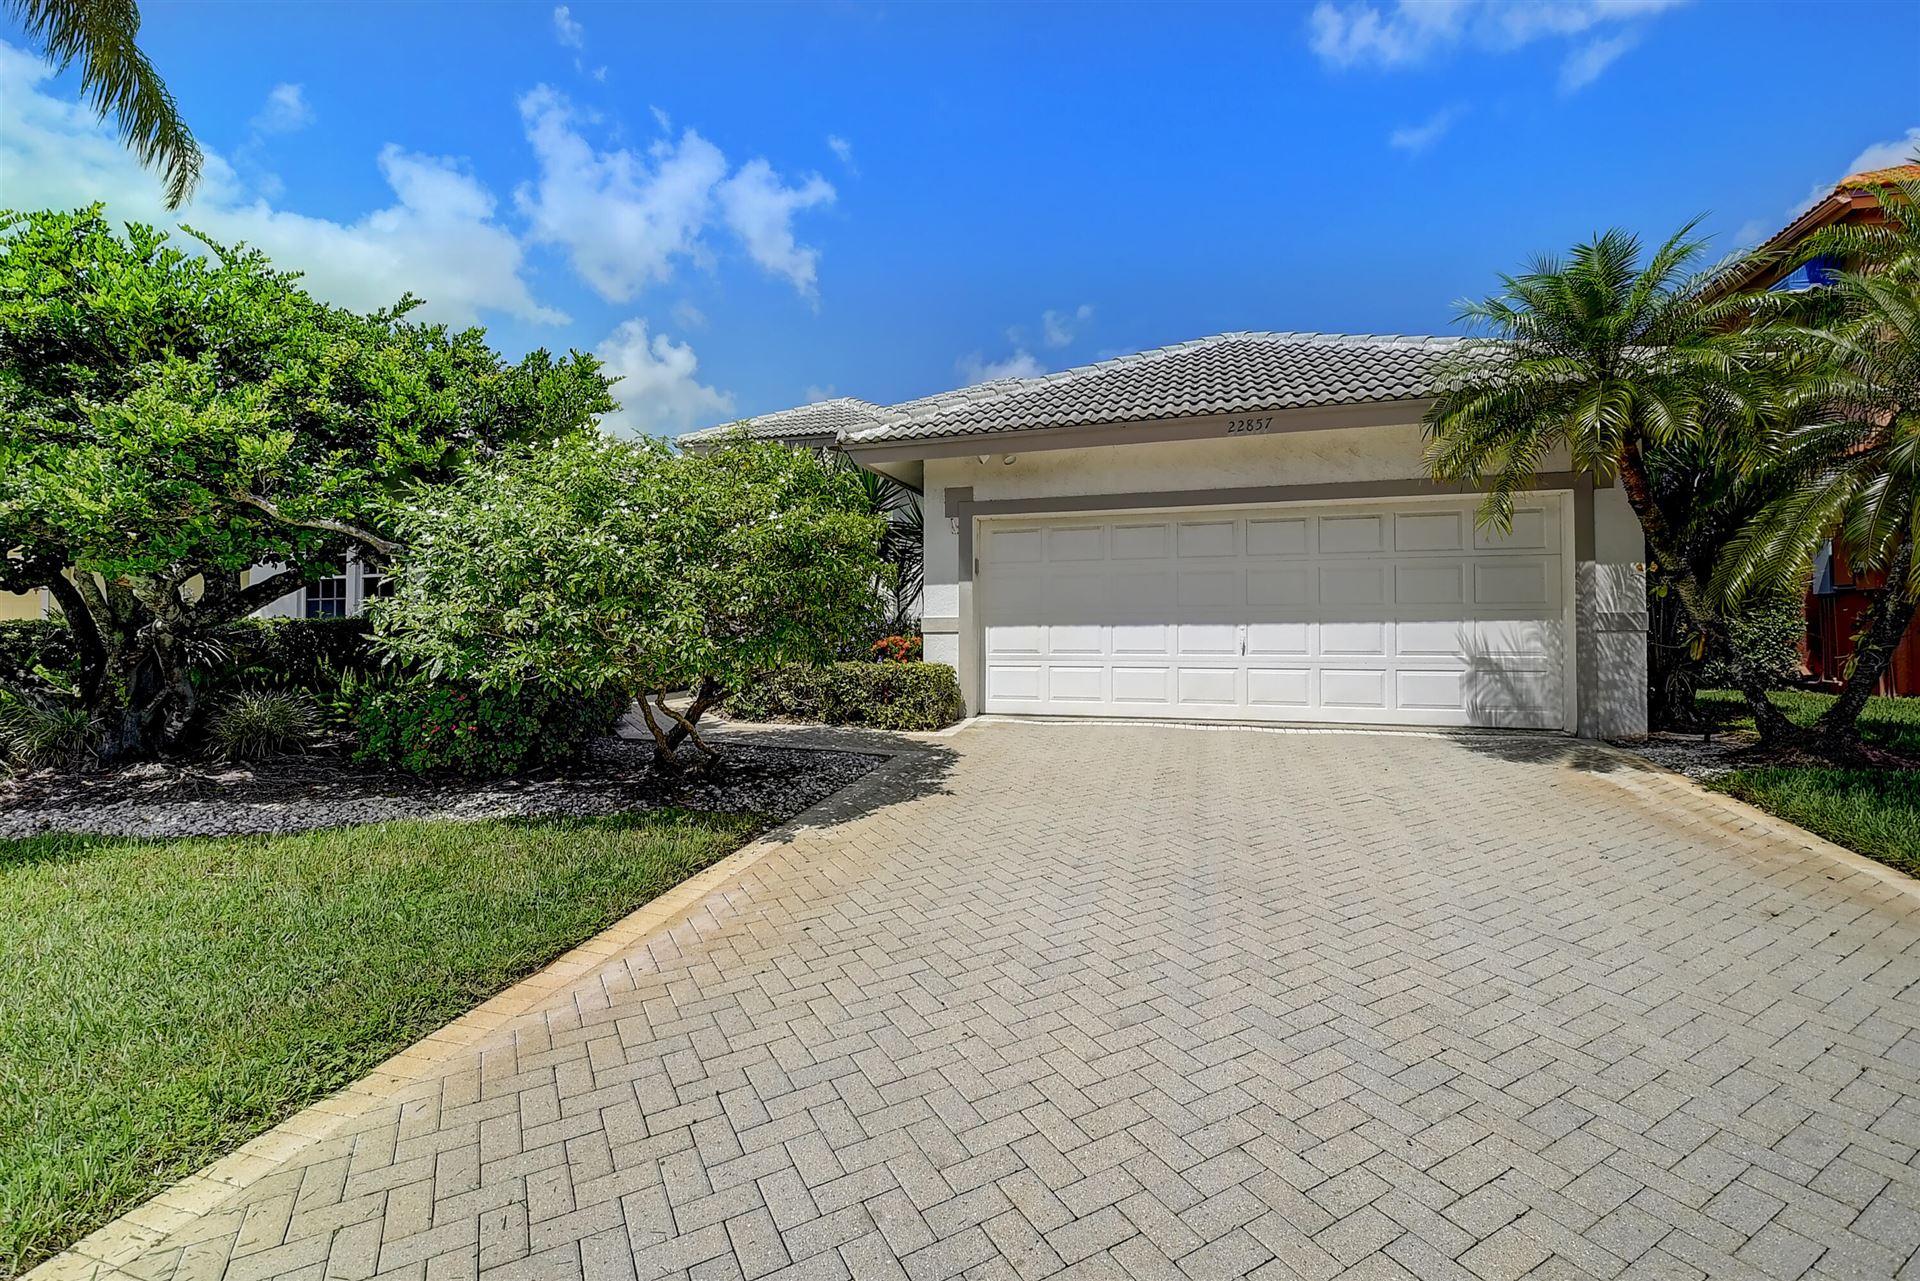 22857 La Corniche Way, Boca Raton, FL 33433 - #: RX-10744540